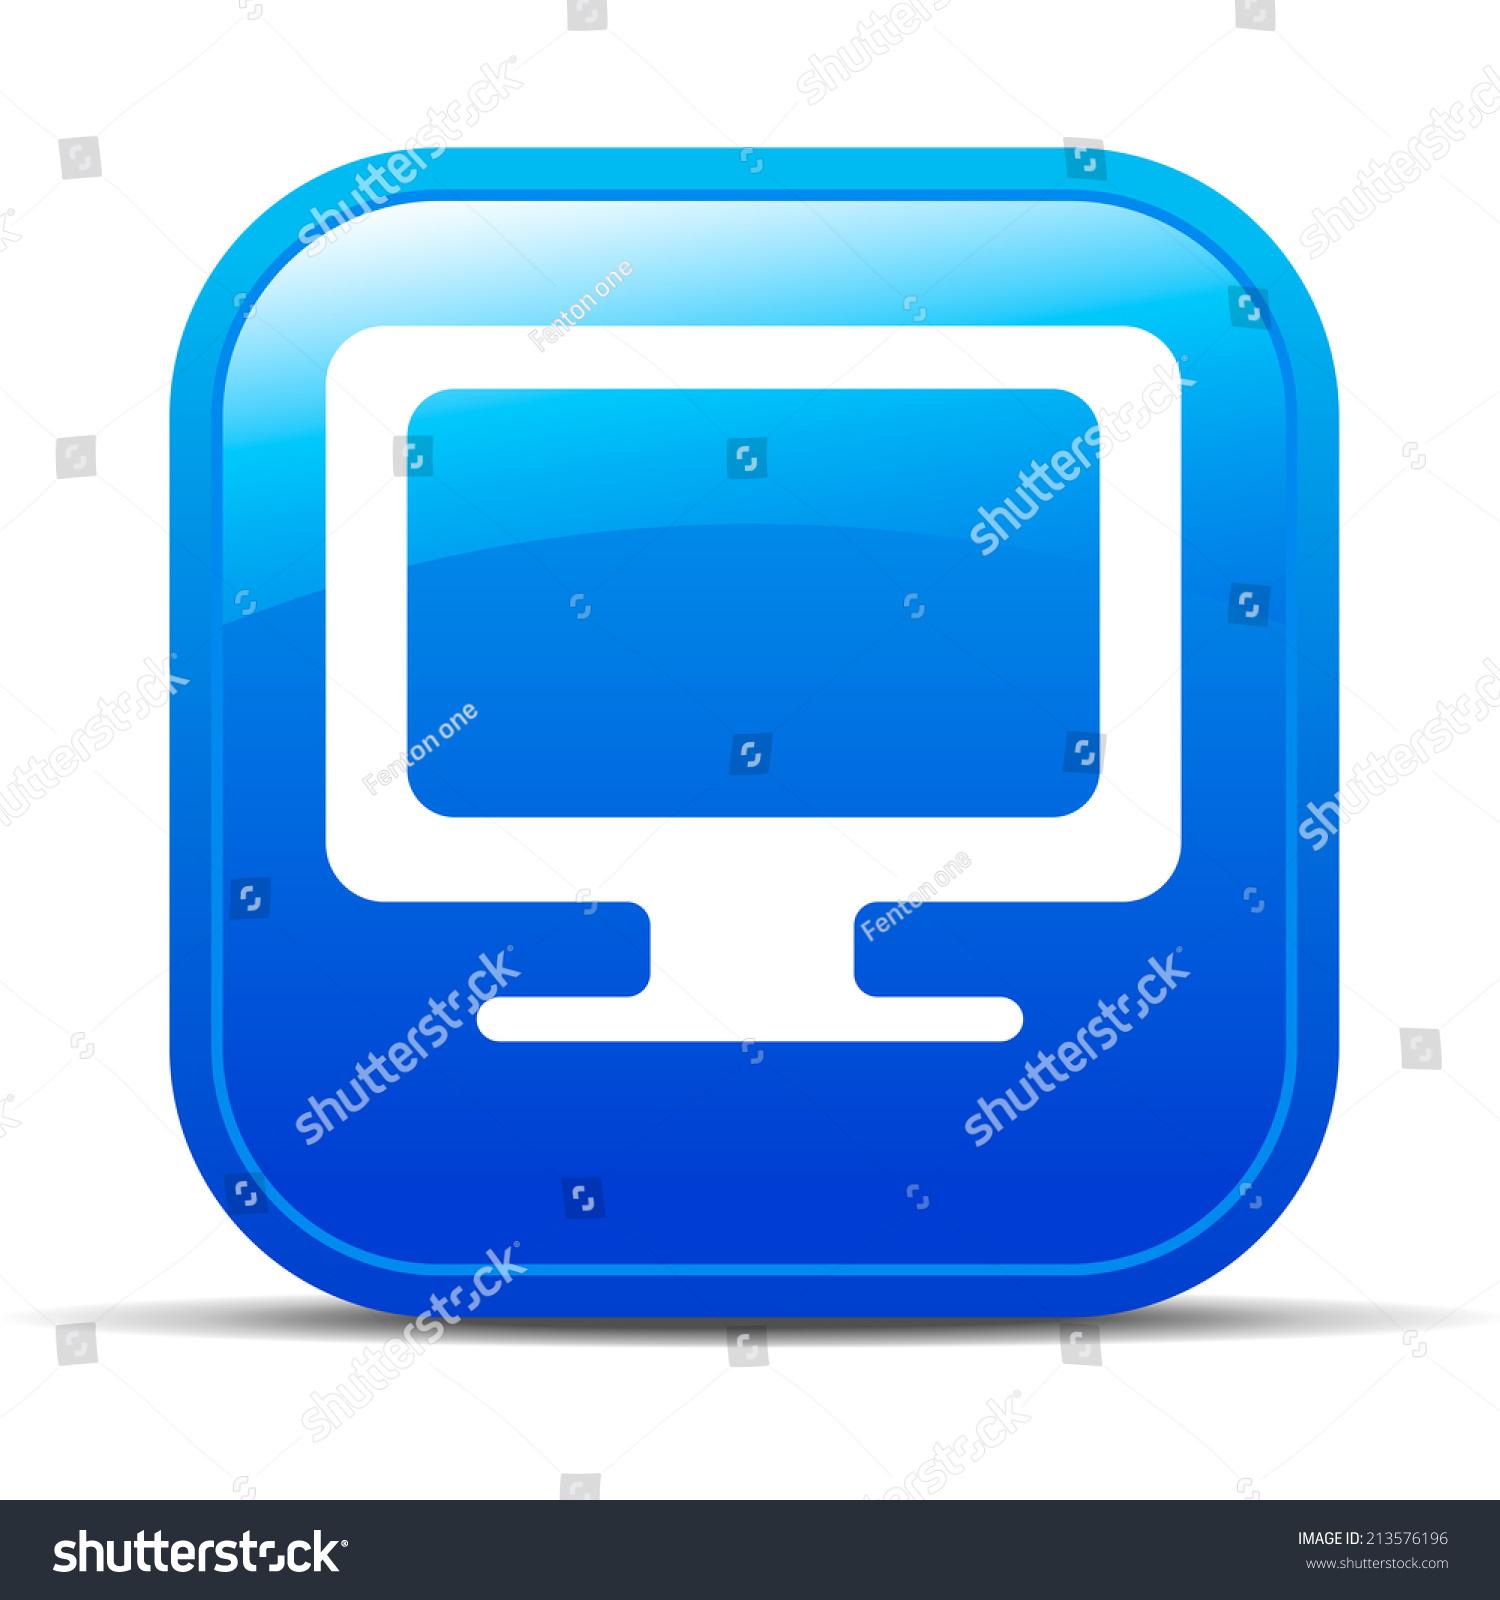 电脑电视互联网按钮图标应用程序-栅格版-符号/标志